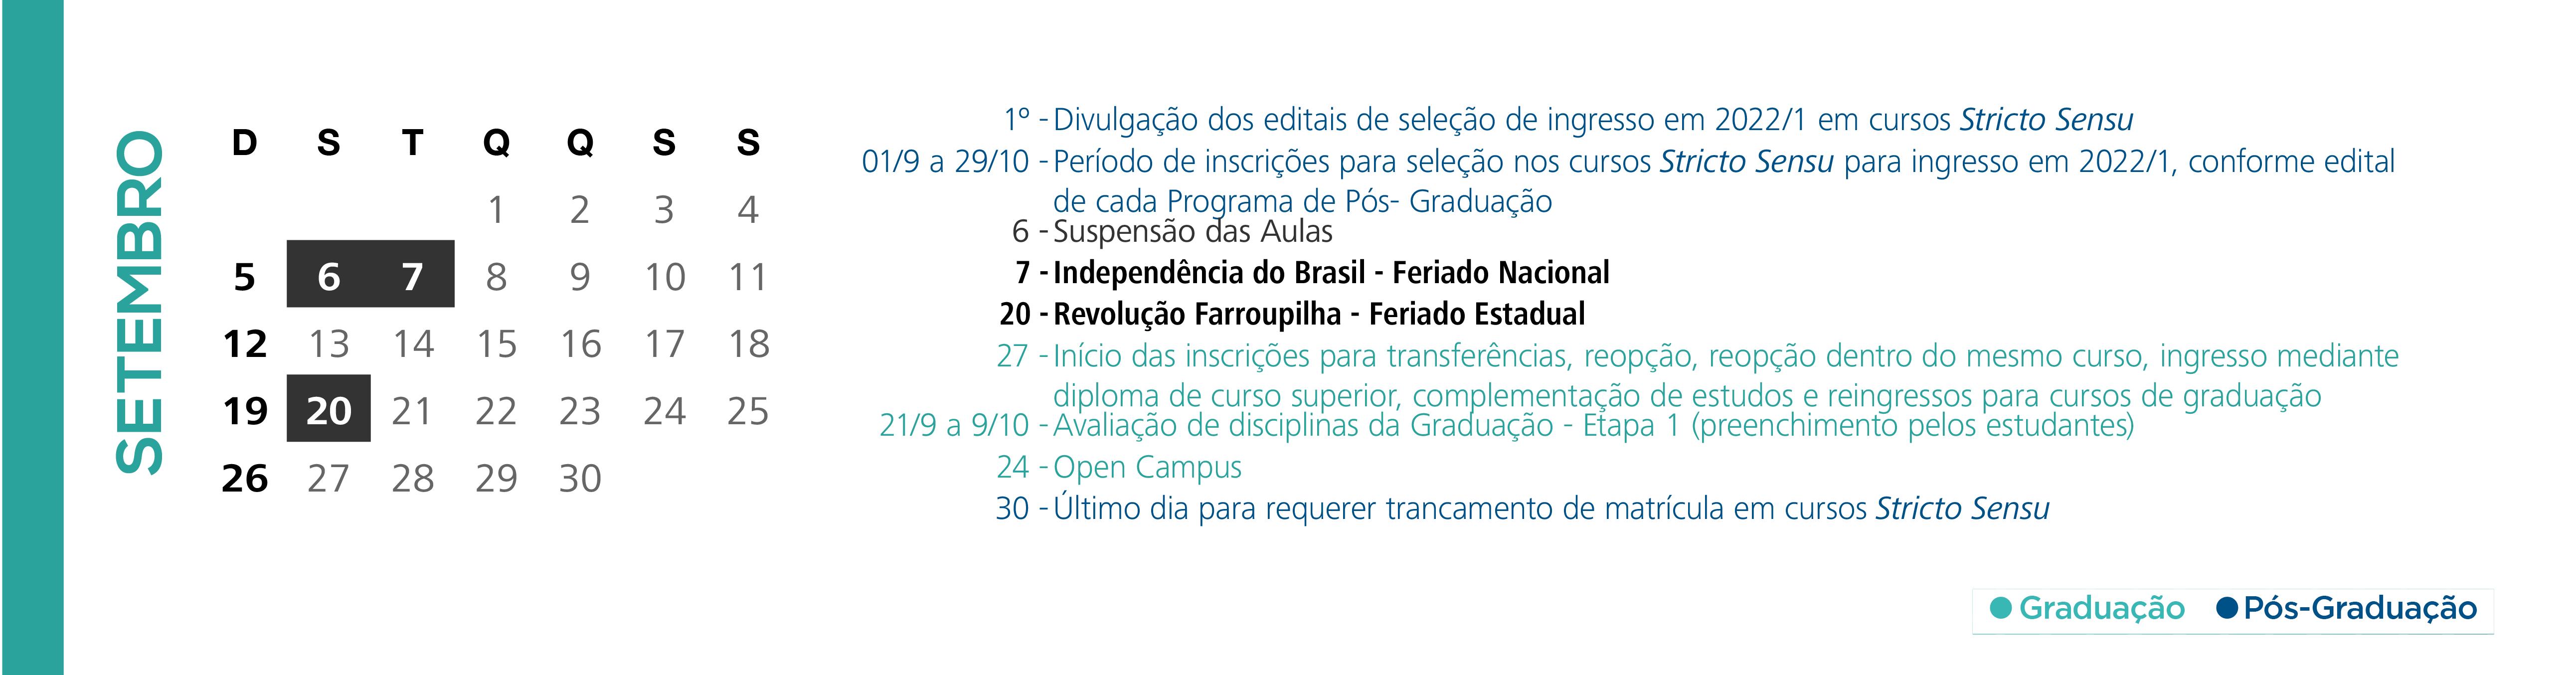 Calendário Acadêmico PUCRS - Mês de Setembro